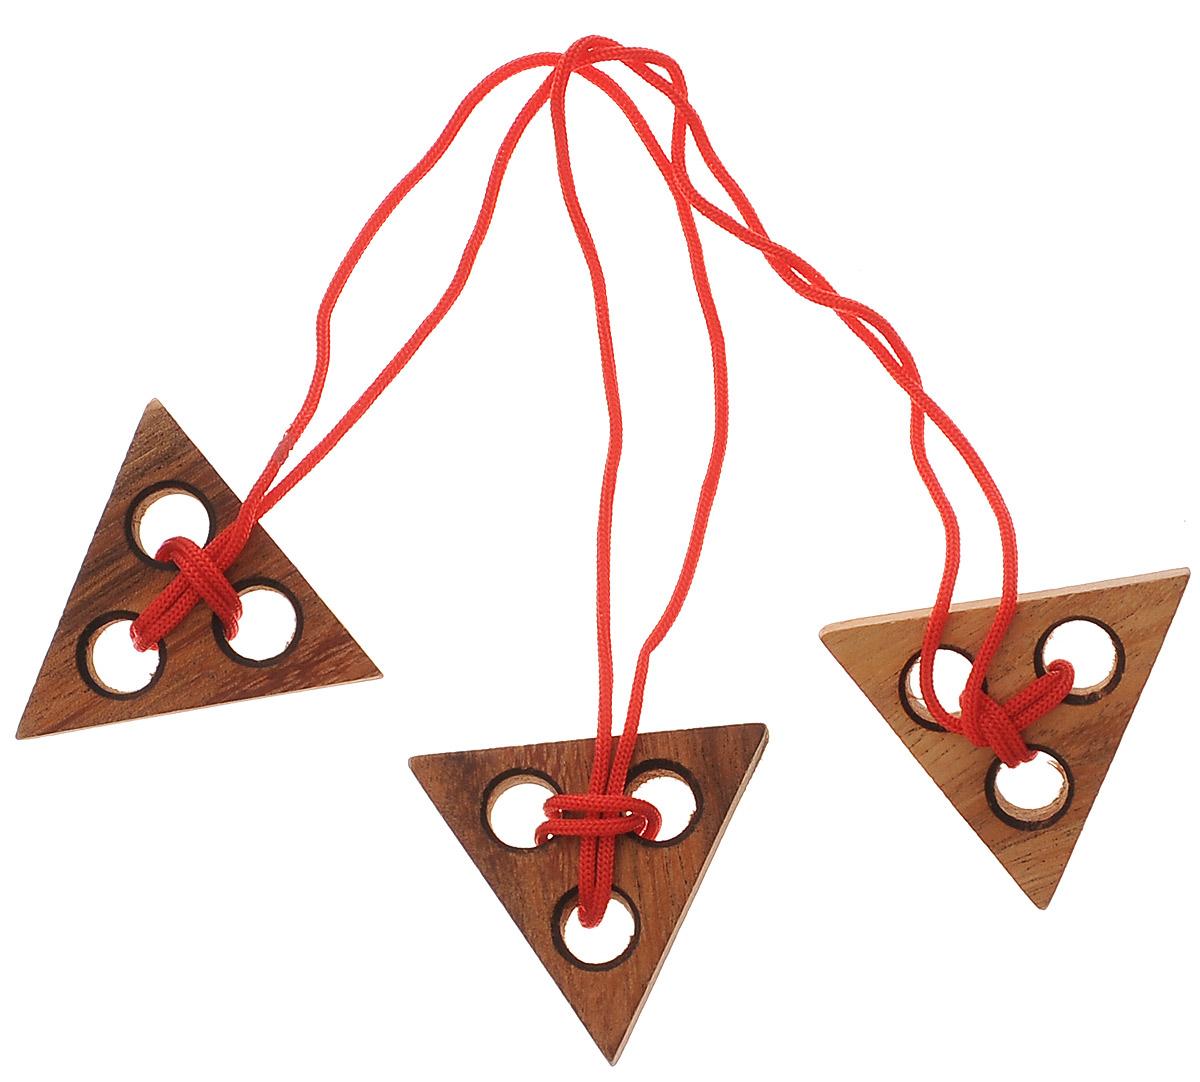 """Головоломка Dilemma """"Три треугольника"""", выполненная из дерева, станет отличным подарком всем любителям головоломок! Головоломка предусмотрена для одного игрока. Цель: освободить средний треугольник от веревки. Использование ножниц запрещено. Подсказка: не перекручивайте веревку. Получилось? Попробуйте завязать ее обратно. Слишком сложно? Воспользуйтесь подсказкой из предложенного решения. Головоломка Dilemma """"Три треугольника"""" стимулирует логику, пространственное мышление и мелкую моторику рук."""